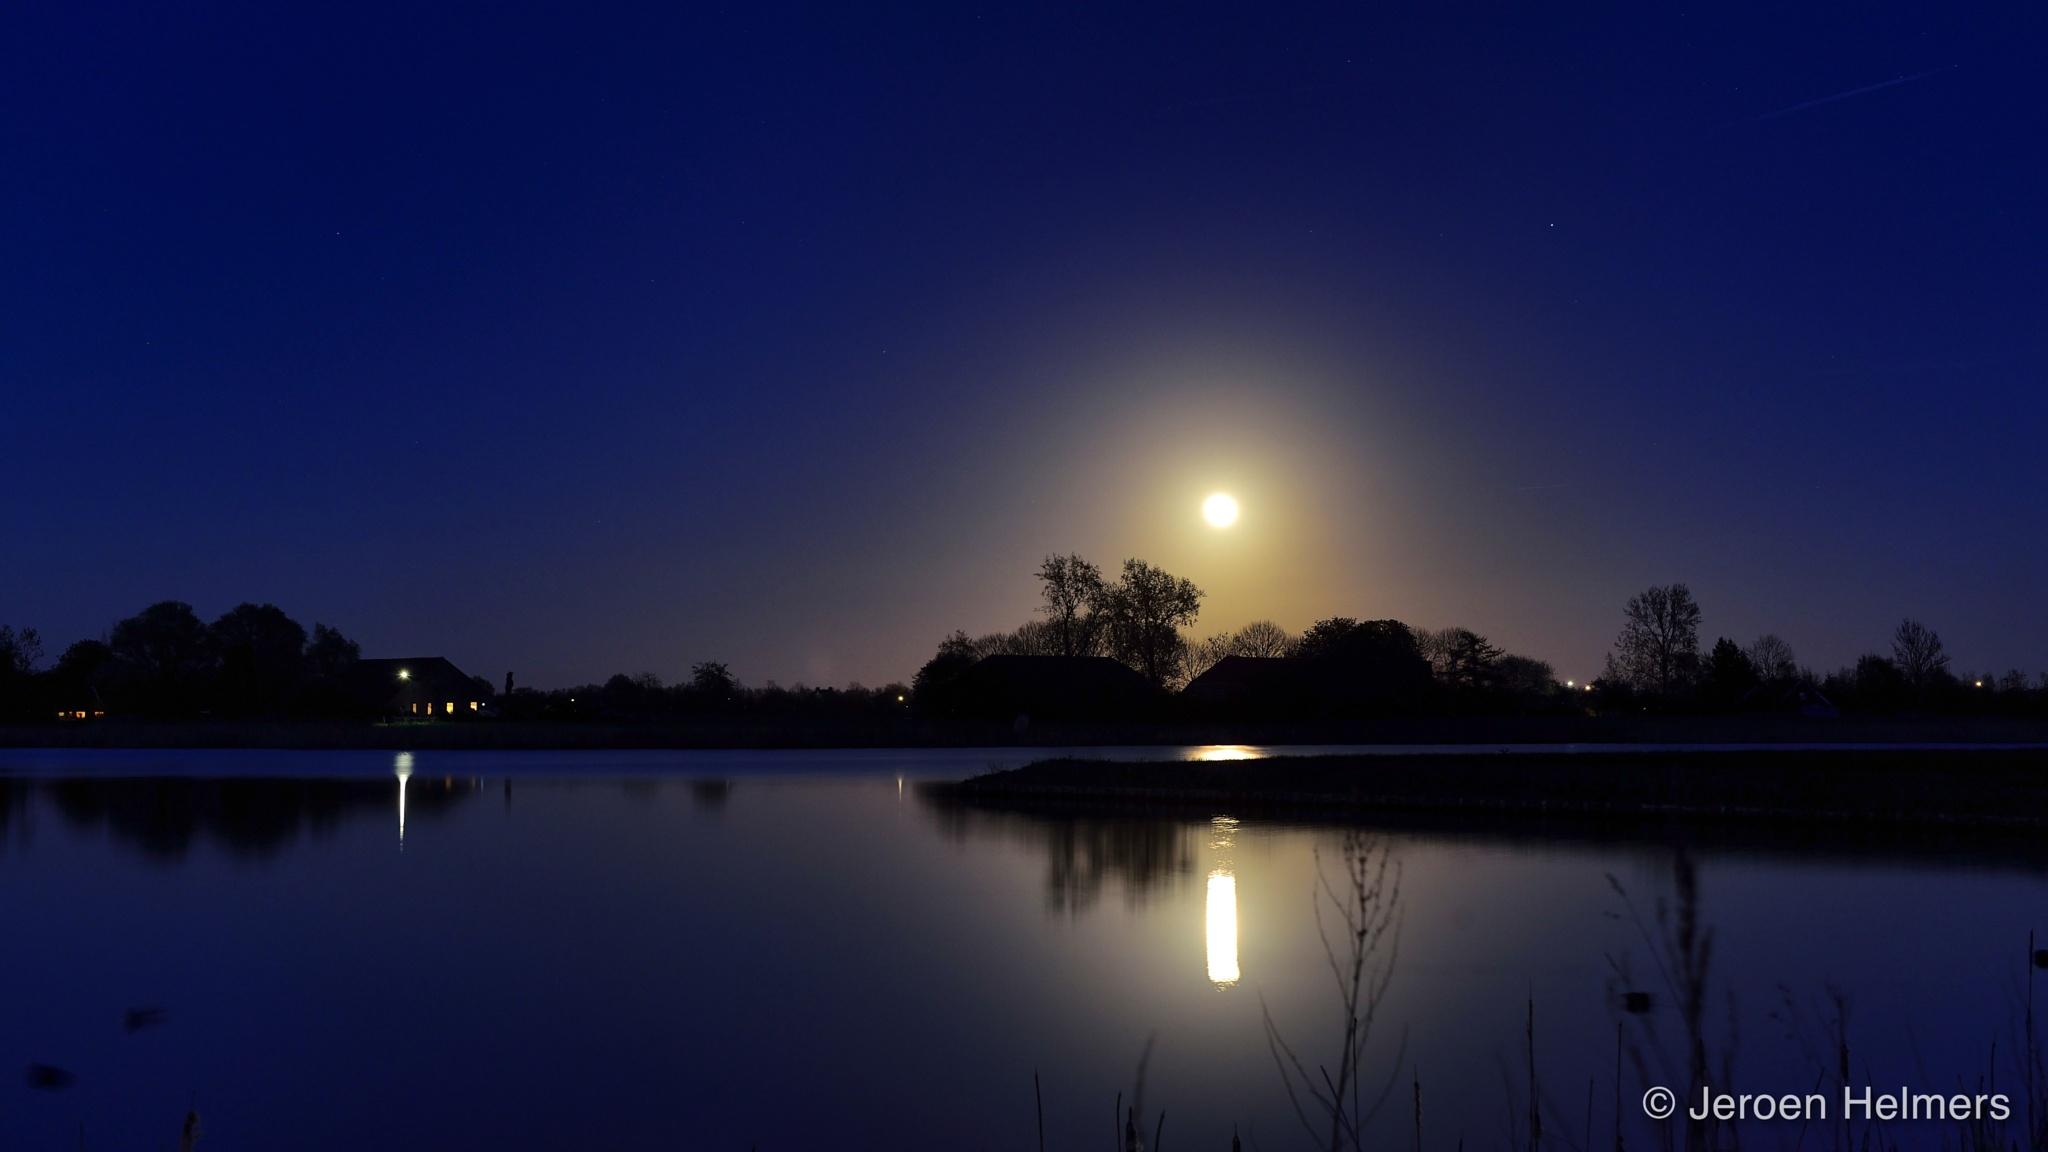 Moonlight above Blauwestad by Jeroen Helmers